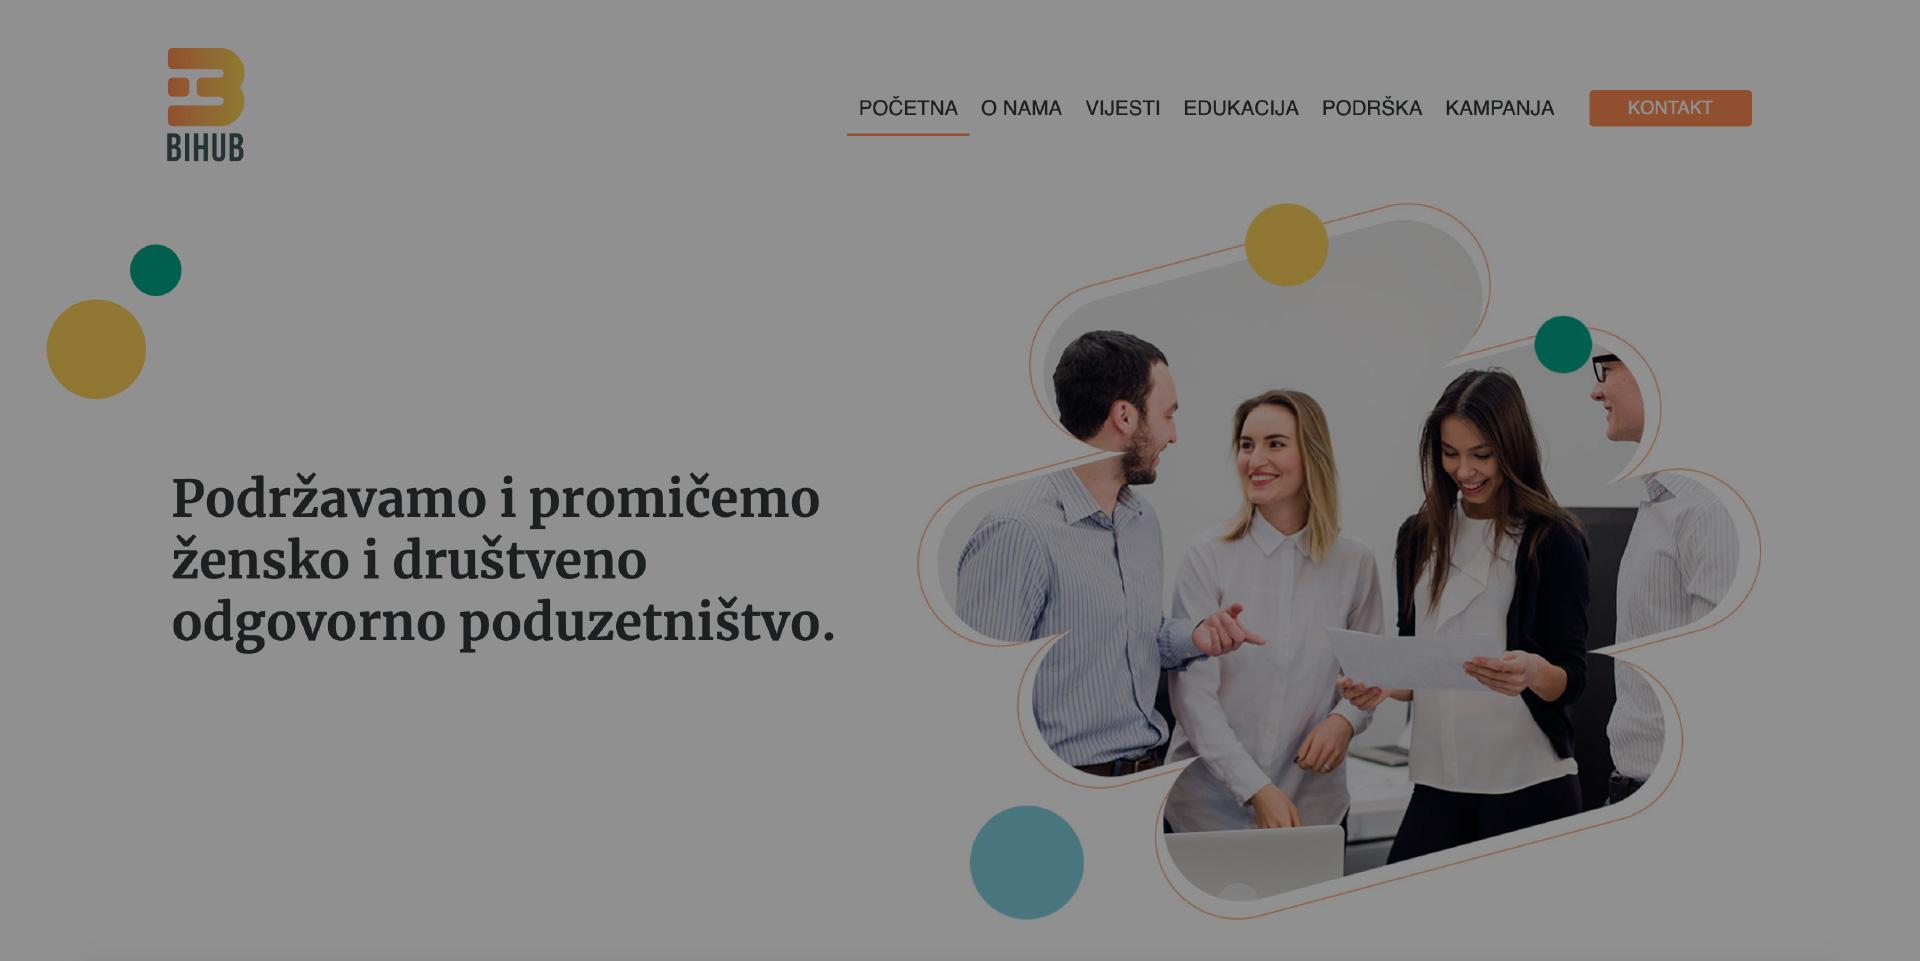 SA ZADOVOLJSTVOM PREDSTAVLJAMO NAŠU WEB STRANICU